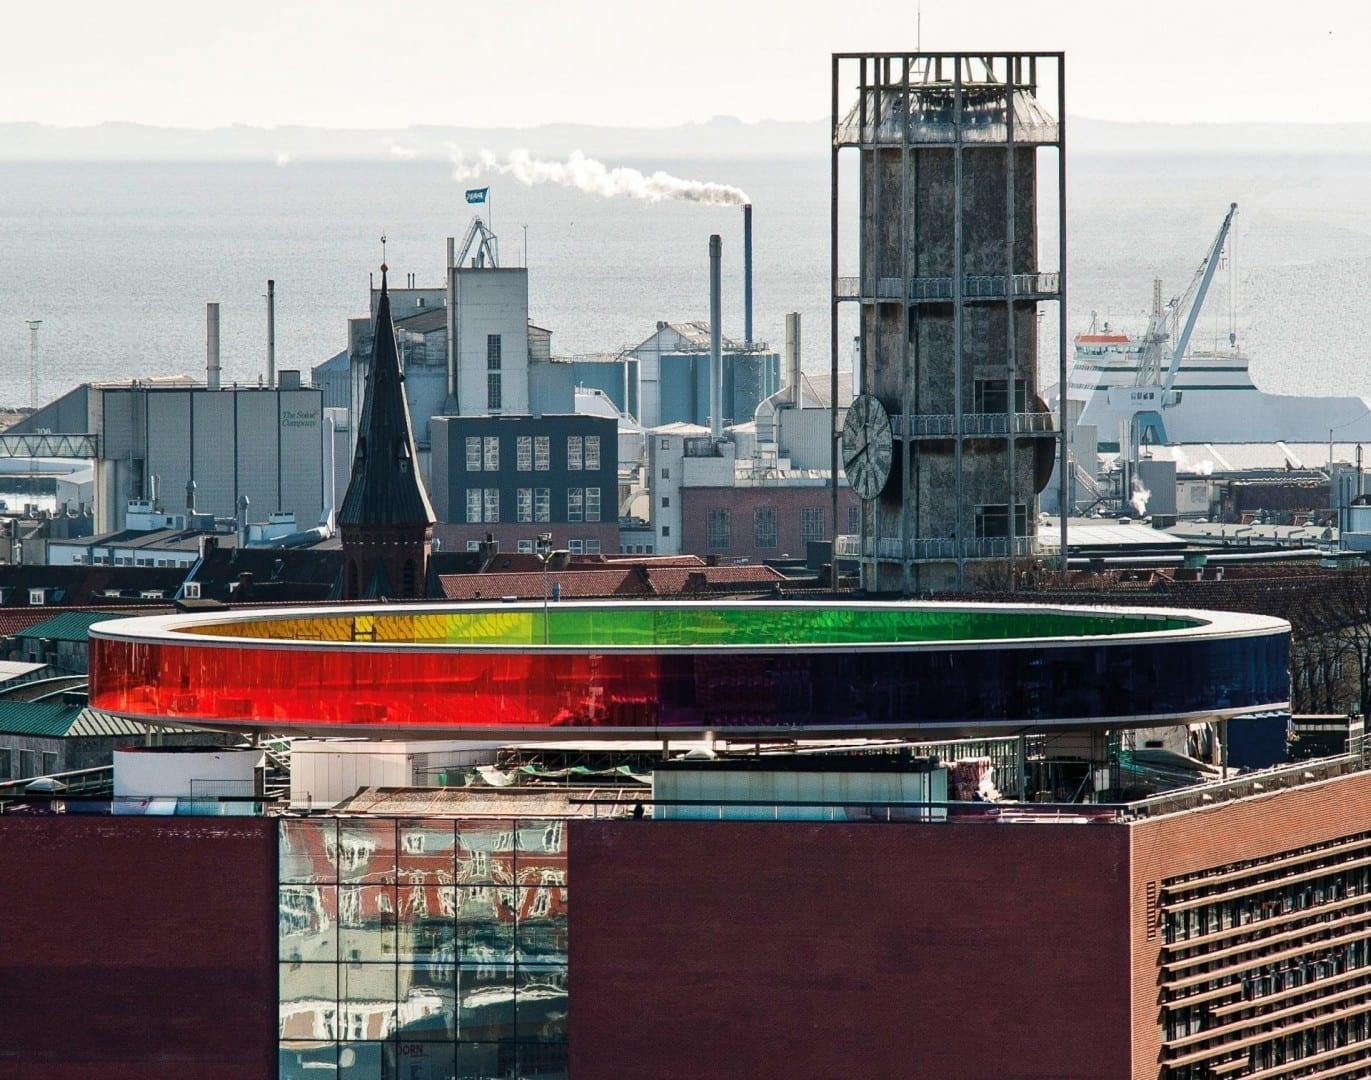 El horizonte de Aarhus con el Museo de Arte ARoS y la emblemática torre del reloj del Ayuntamiento de Aarhus. Aarhus Dinamarca